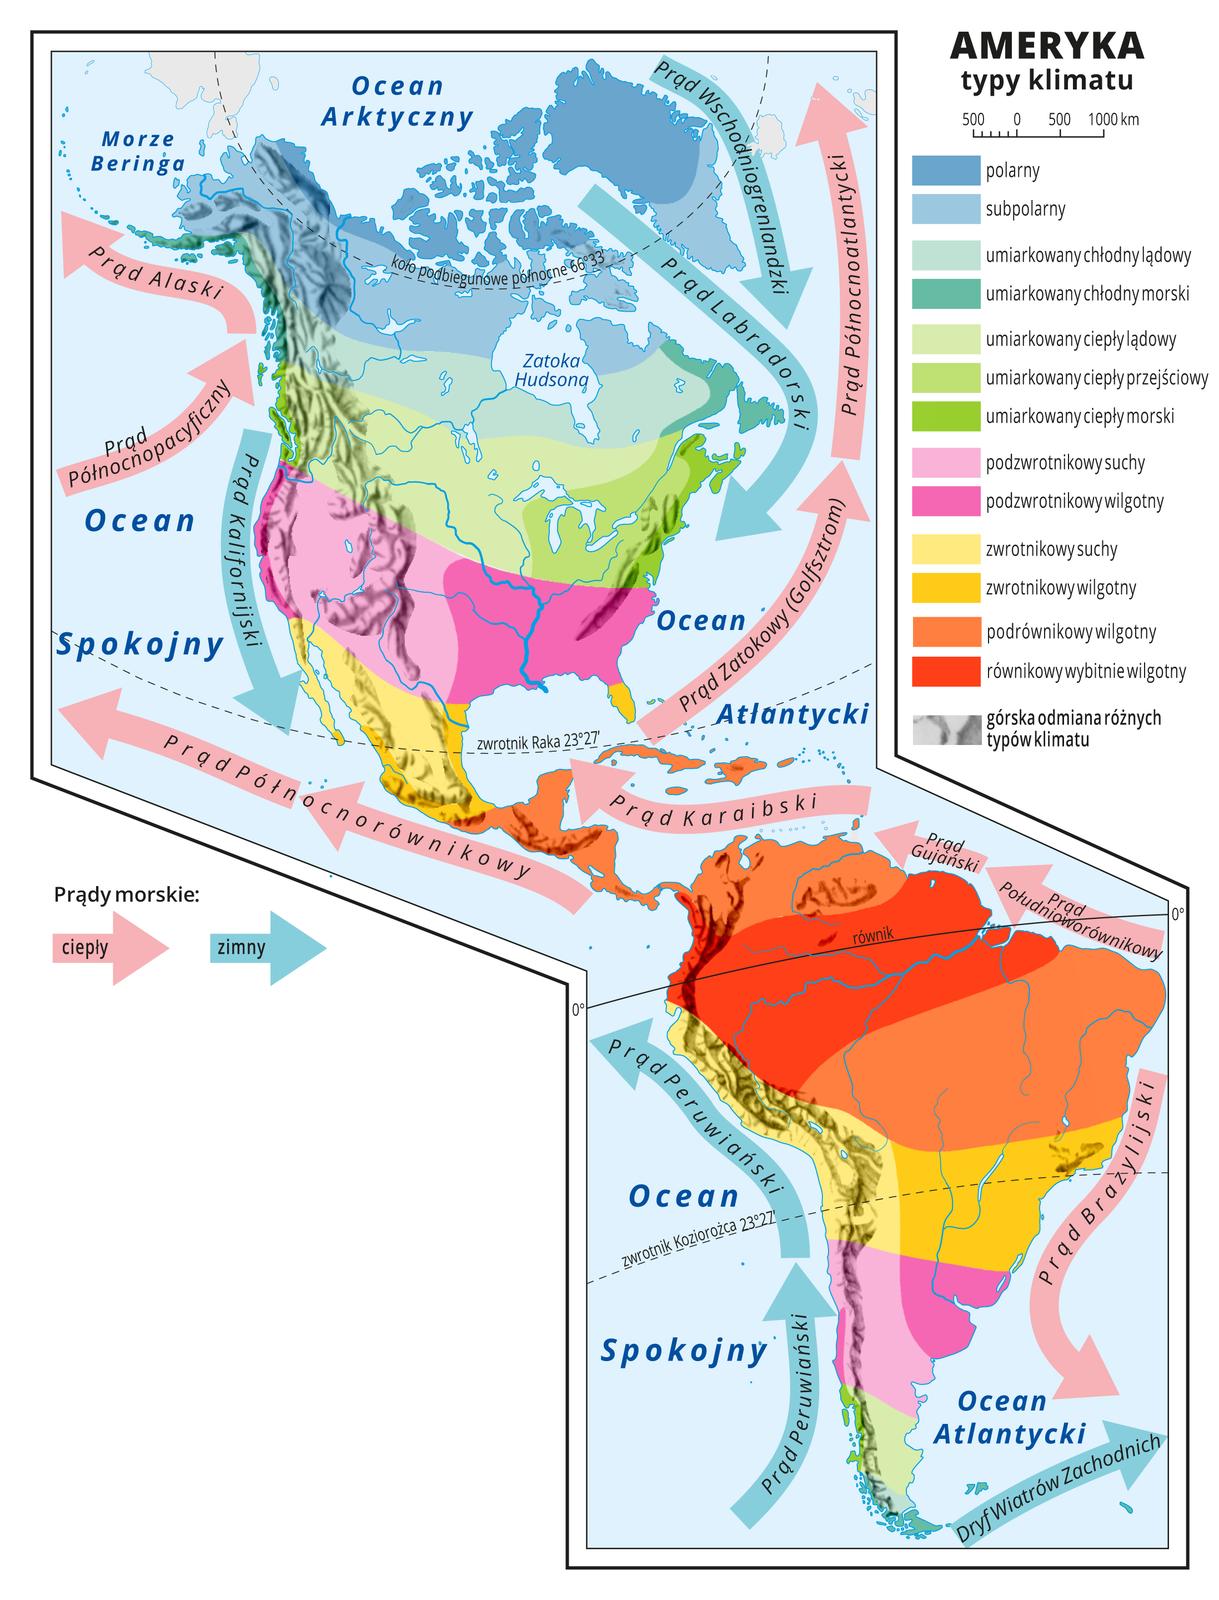 Ilustracja przedstawia mapę typów klimatu wAmeryce. Kolorami oznaczono typy klimatu, układają się one pasami oprzebiegu równoleżnikowym. Wzdłuż równika klimat równikowy wybitnie wilgotny ipodrównikowy wilgotny. Na zwrotnikach klimat zwrotnikowy suchy izwrotnikowy wilgotny. Na północ od zwrotnika Raka ina południe od zwrotnika Koziorożca klimat podzwrotnikowy suchy ipodzwrotnikowy wilgotny. Dalej strefa klimatów umiarkowanych (lądowe imorskie, ciepłe ichłodne oraz przejściowy). Na północy klimat polarny isubpolarny. Wzdłuż wybrzeży kontynentu strzałkami przedstawiono prądy morskie. Ciepłe płyną od równika na północ ina południe, zimne płyną zpółnocy ipołudnia ku równikowi. Na mapie poprowadzono równik iopisano go. Wlegendzie umieszczono iopisano kolory użyte na mapie.